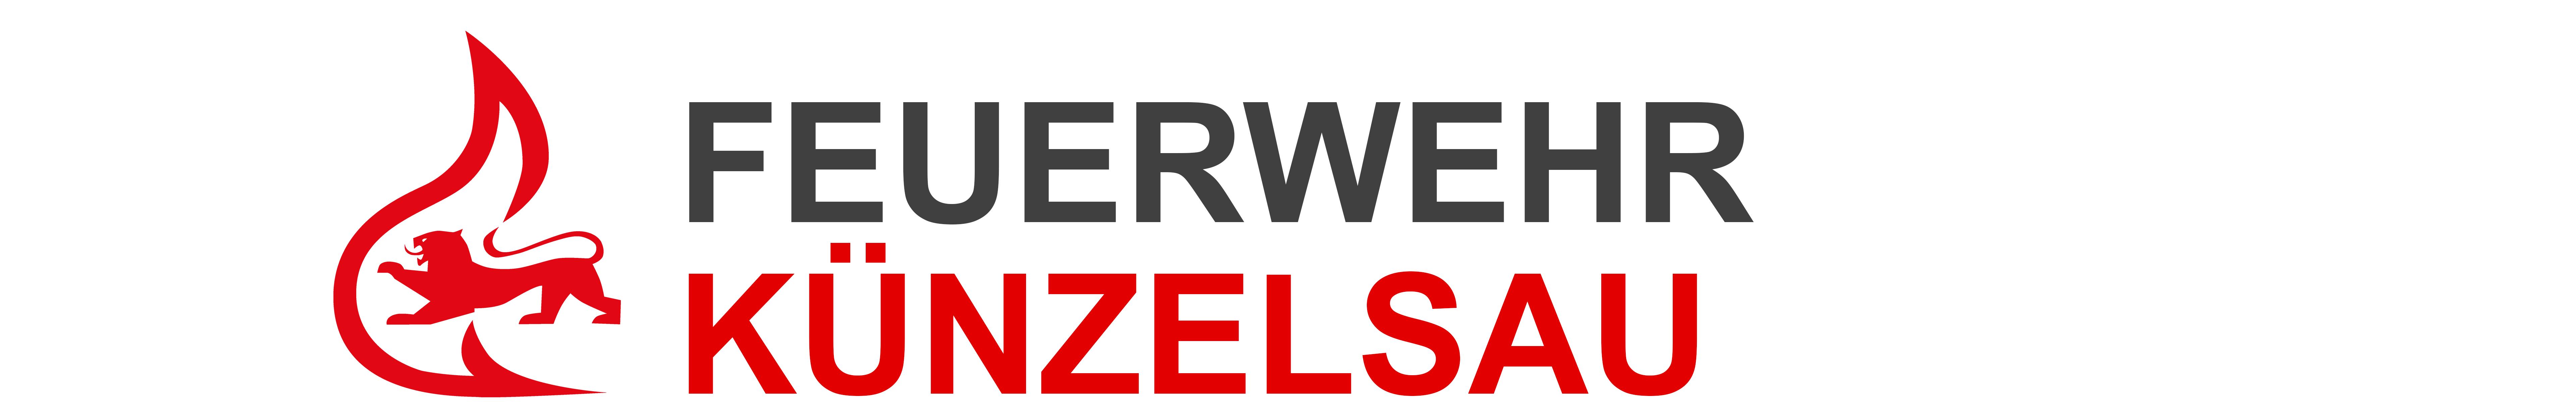 Feuerwehr Künzelsau mit Feuerwehrsignet Feuerwehr Baden-Württemberg